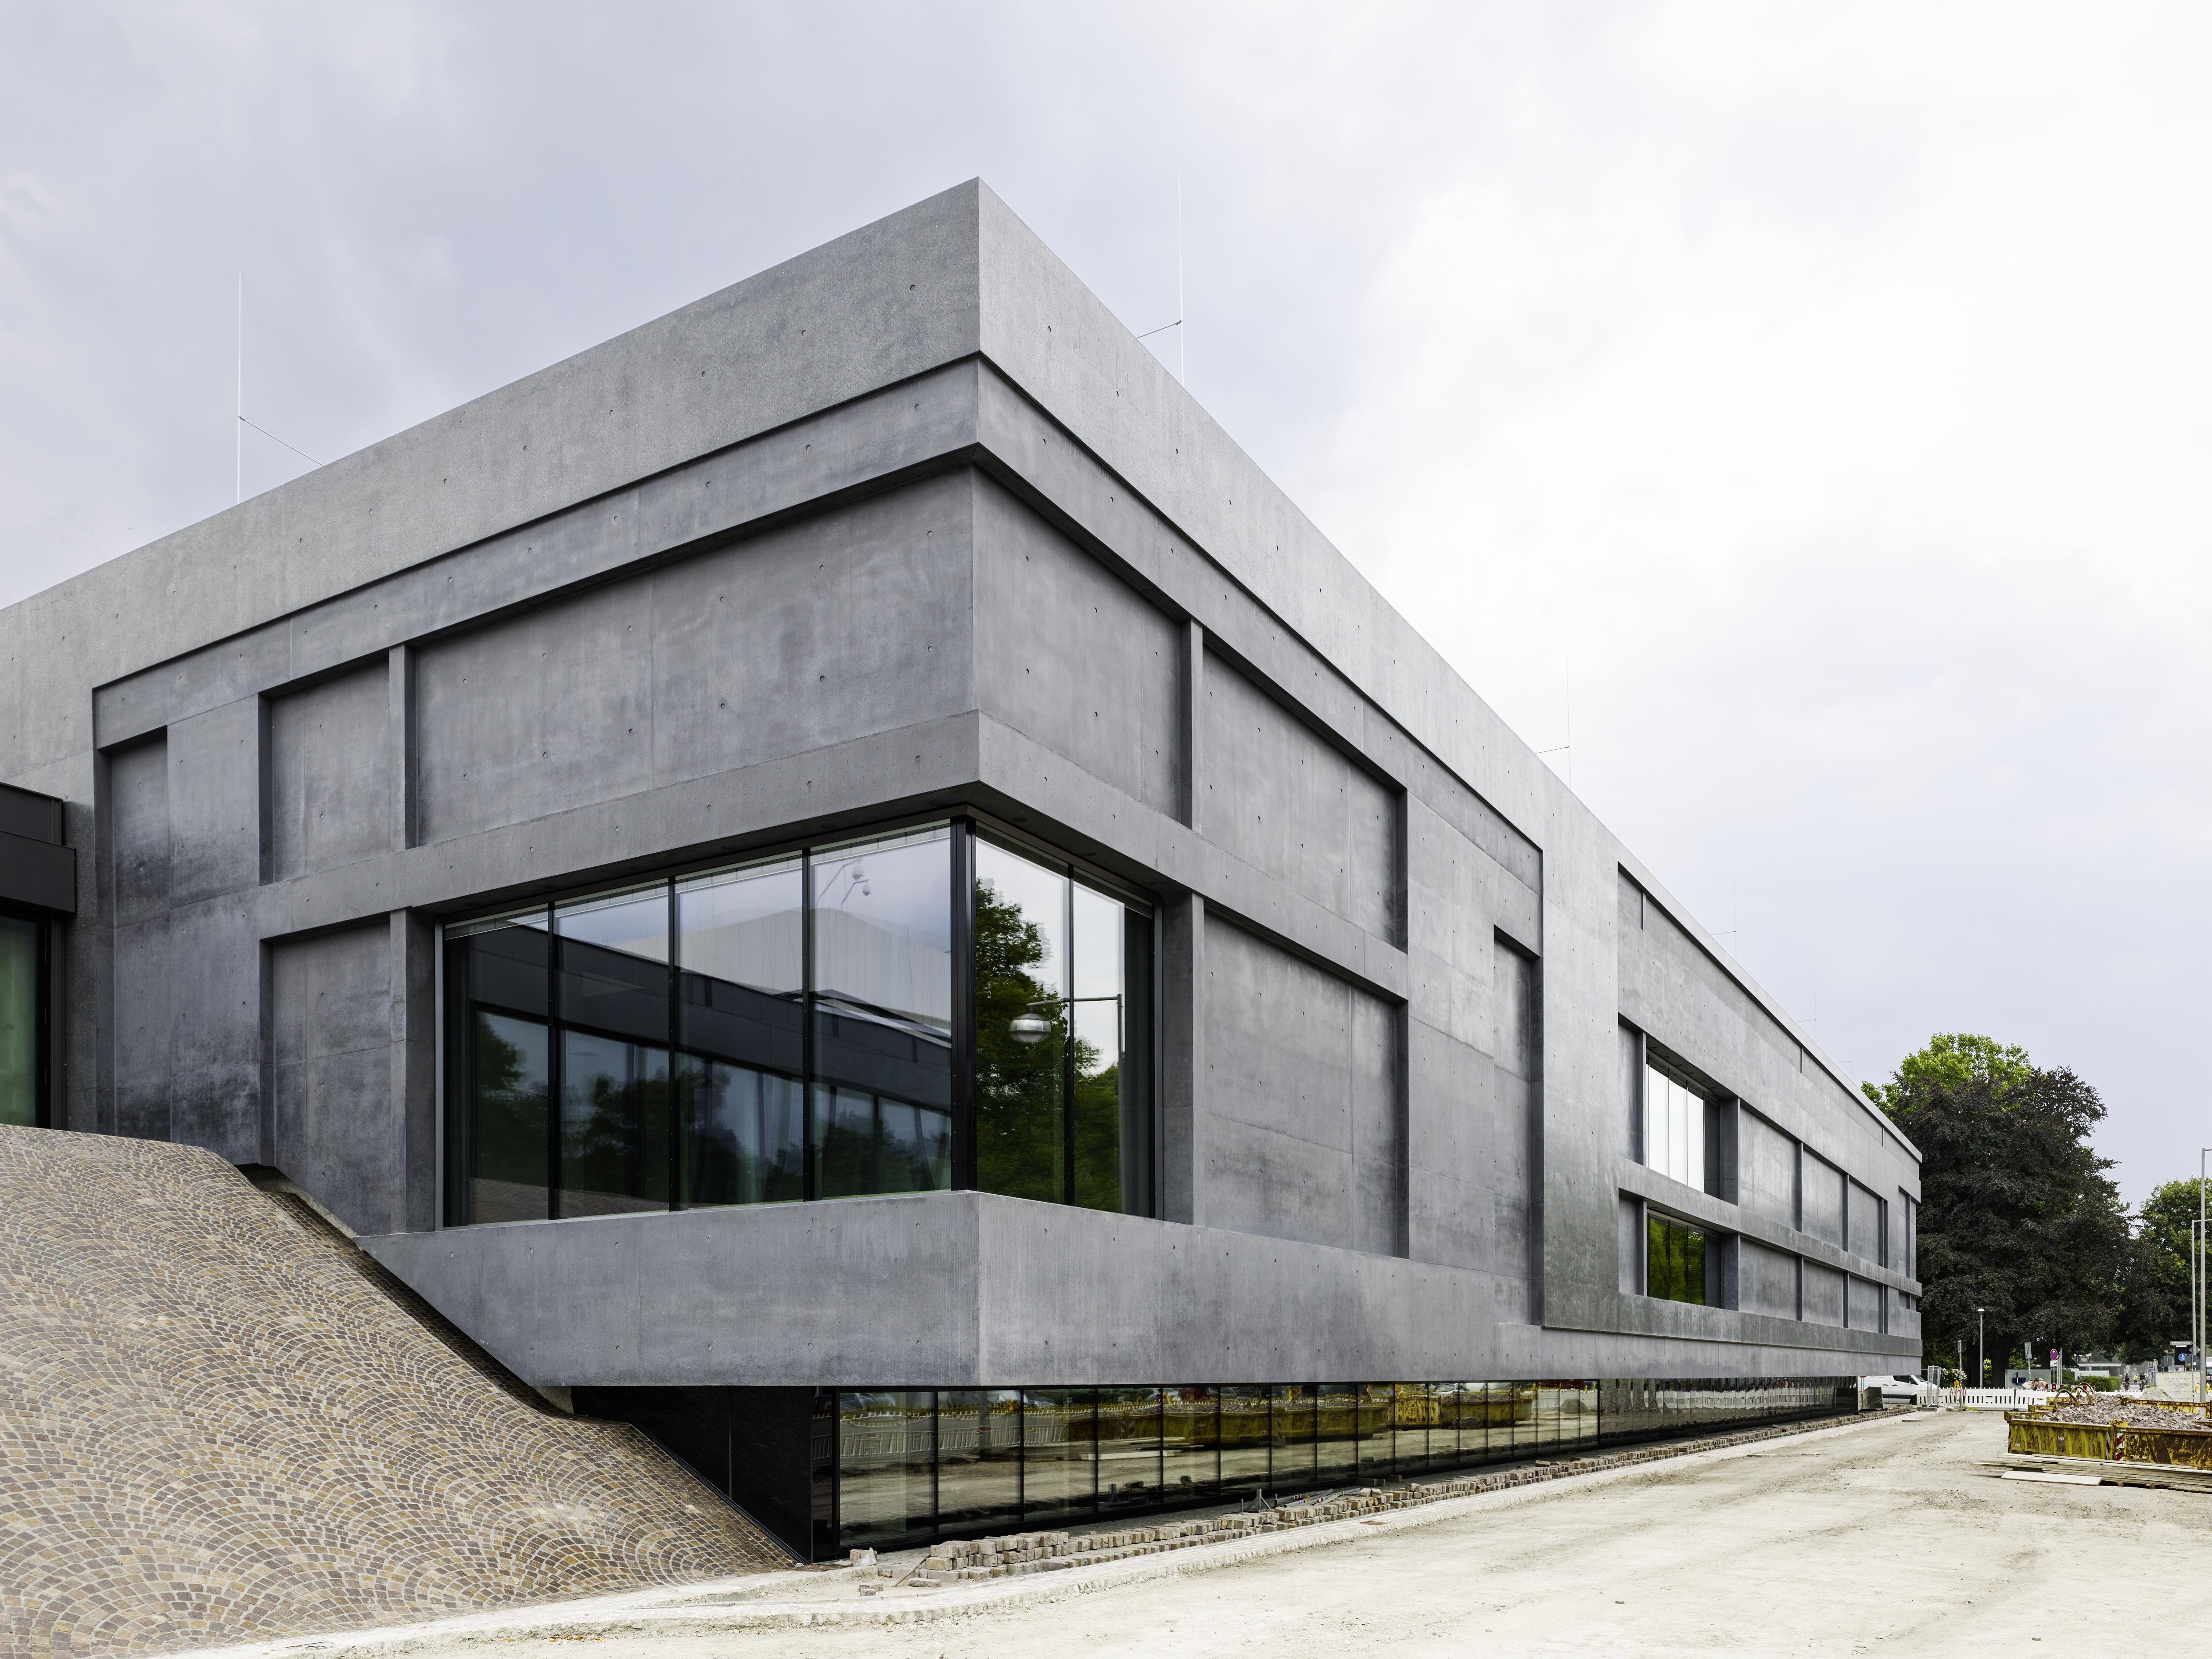 Erweiterungsbau des Sprengel Museums Hannover, Außenansicht. Foto: Sprengel Museum Hannover, Georg Aerni.